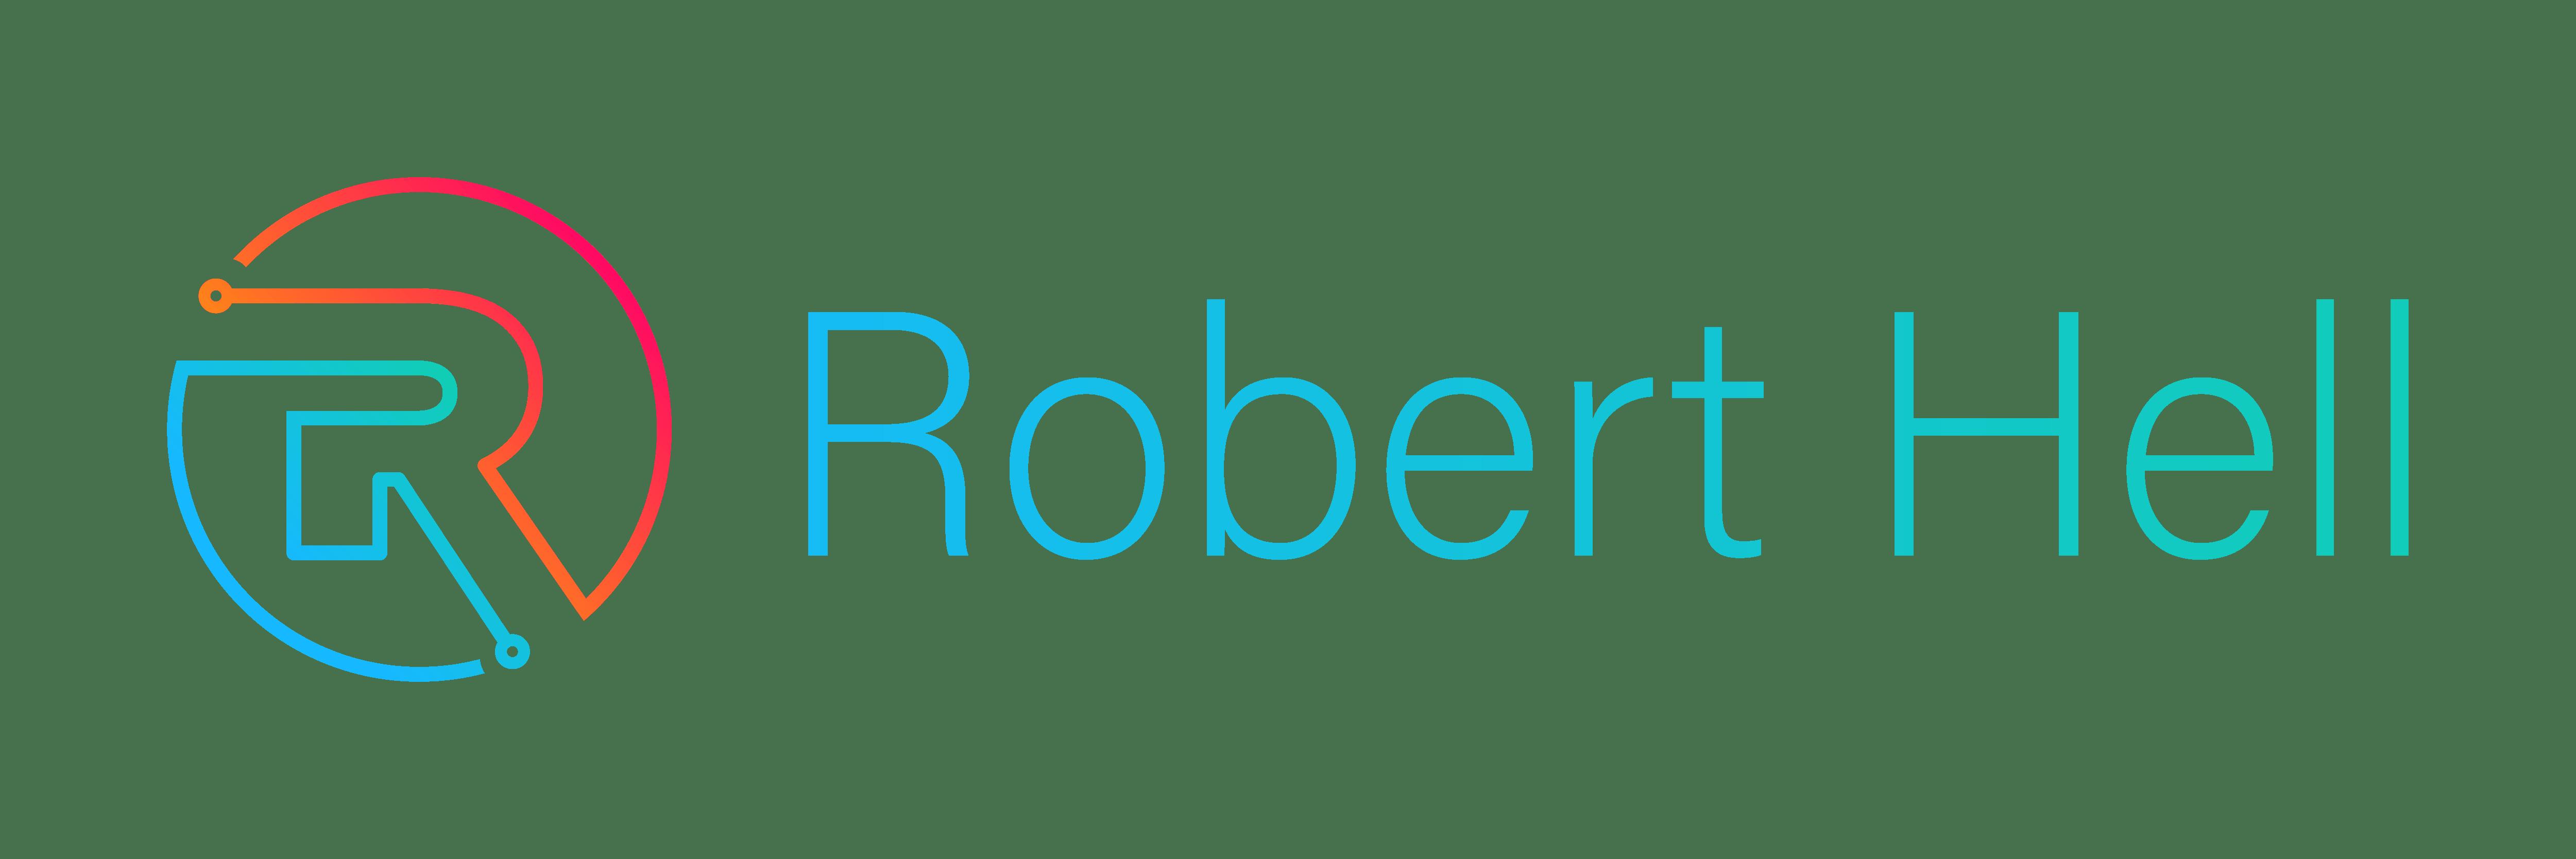 Robert Hell